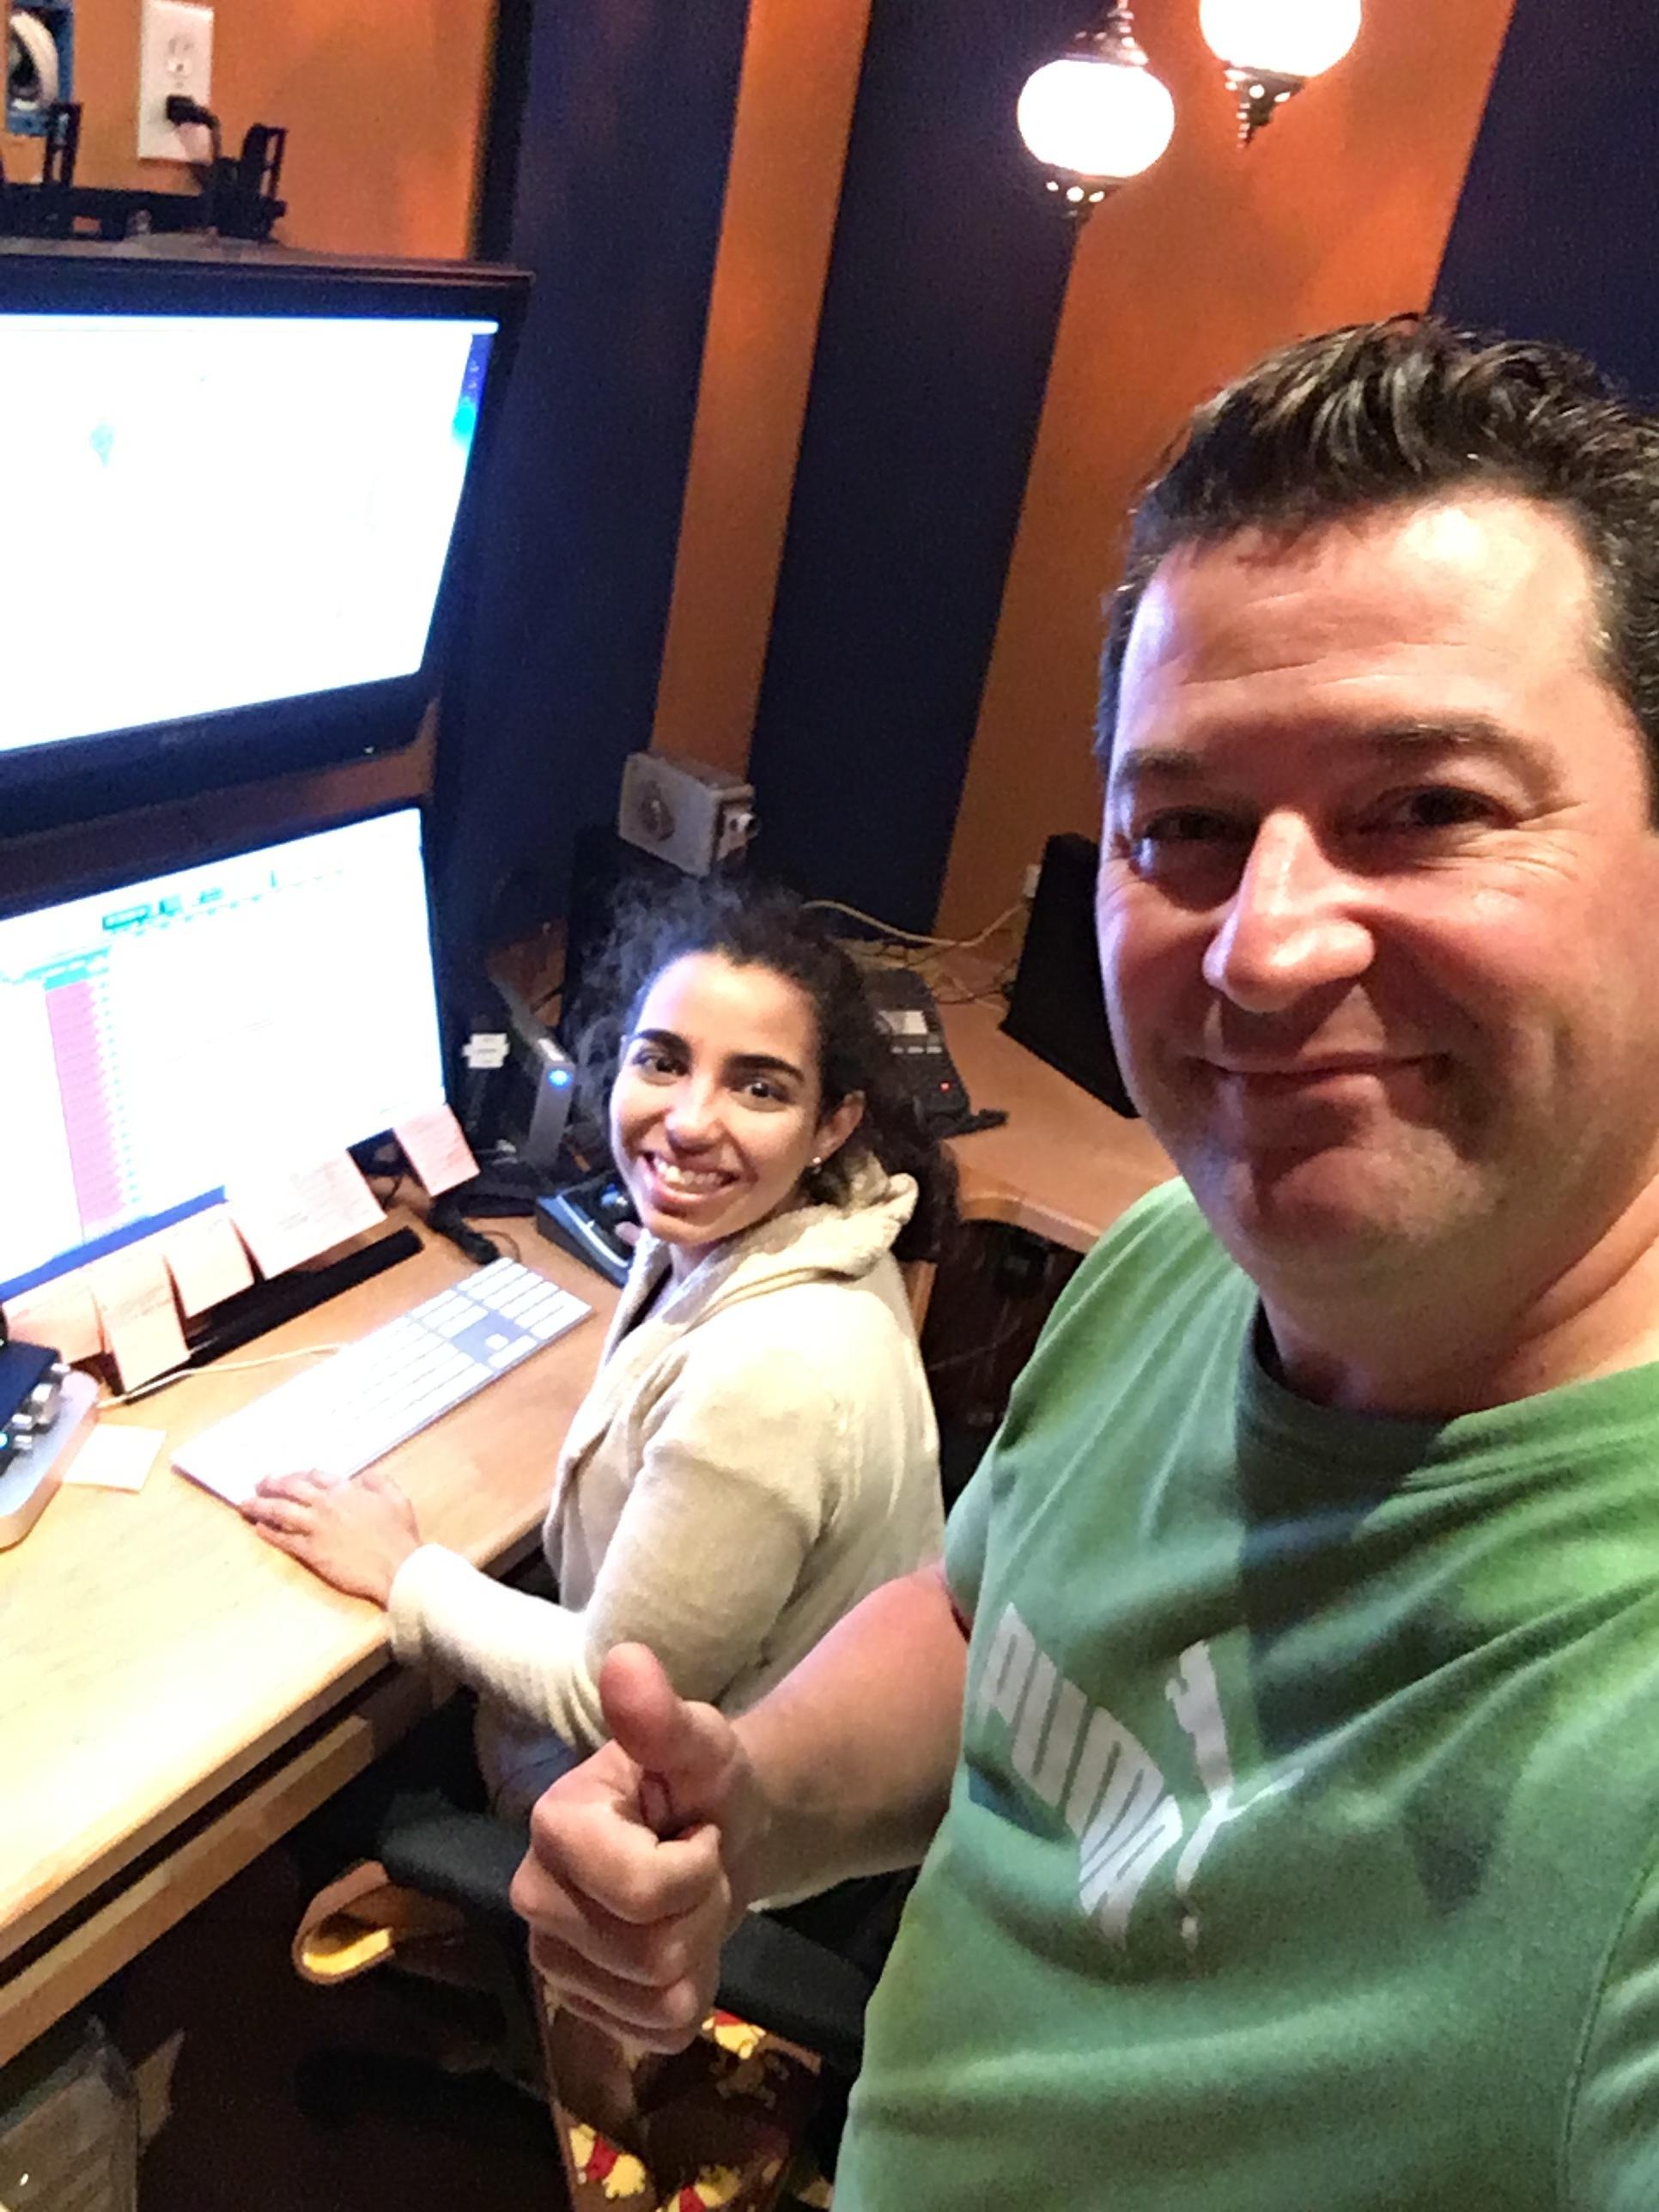 Assistant engineer Anakarolina Abreu